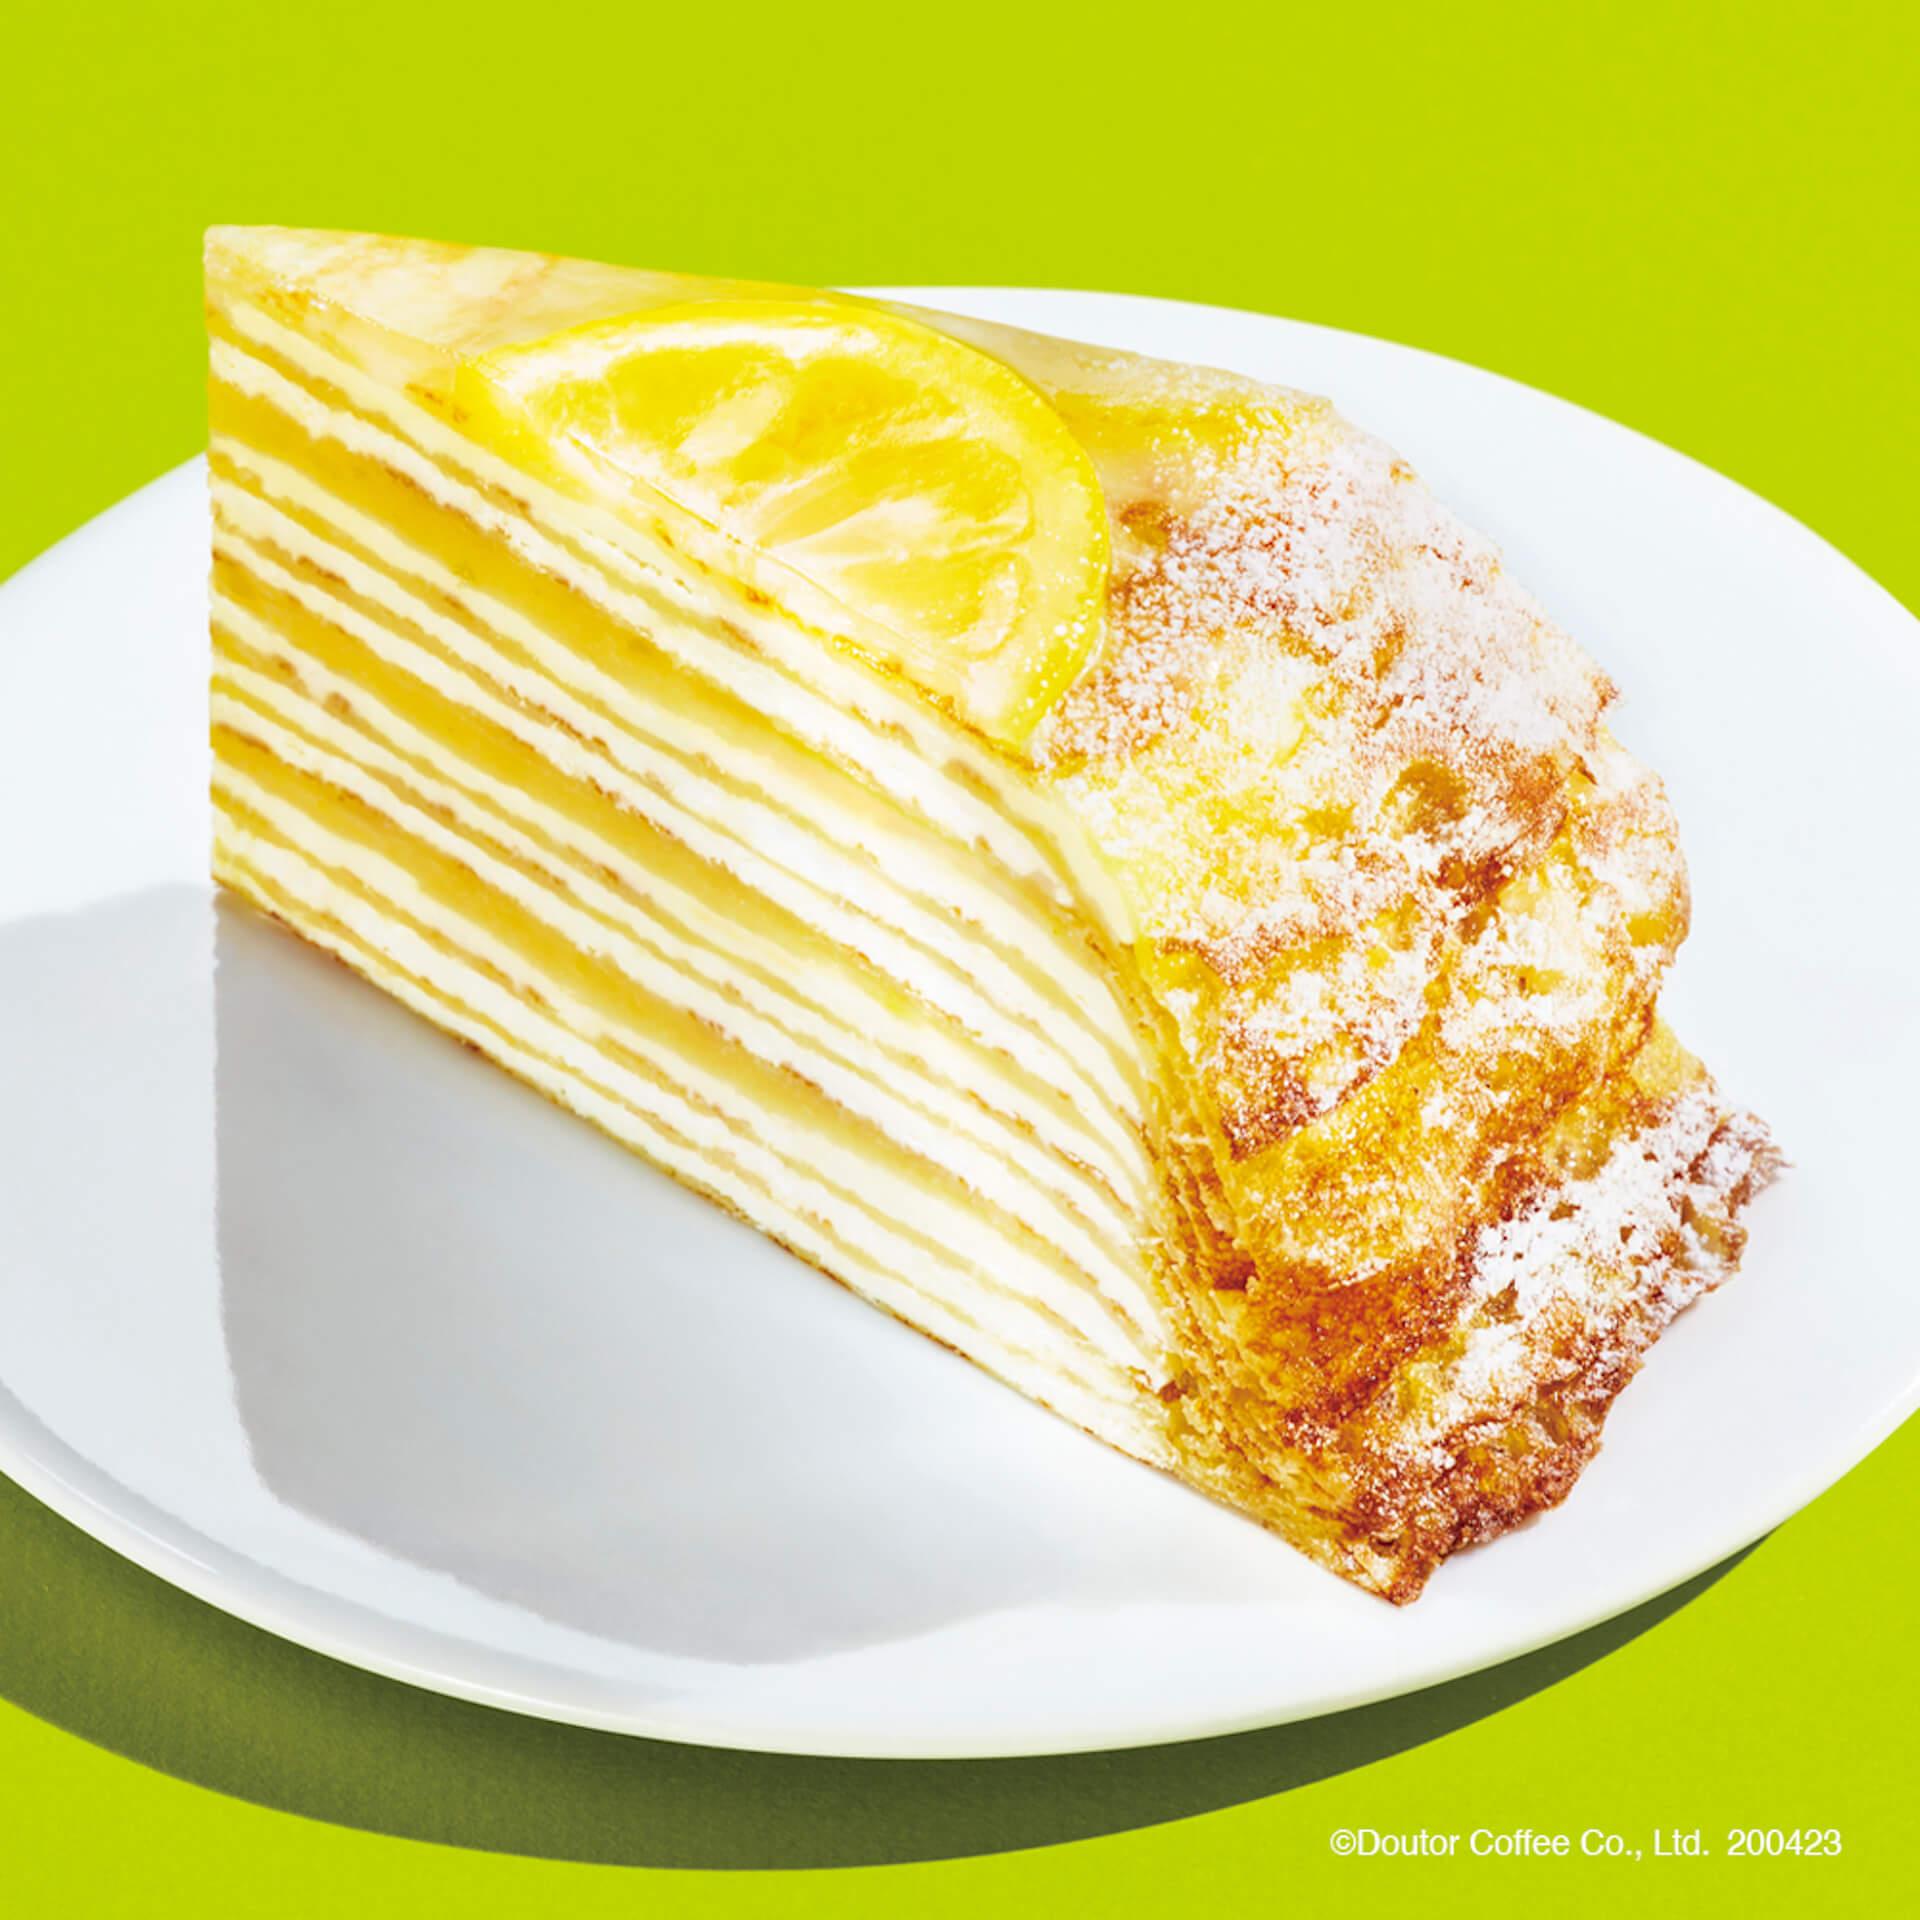 ドトールコーヒーで「はちみつレモンヨーグルン」など、初夏にぴったりなスッキリドリンク&スイーツが続々登場! gourmet200526_doutor_1